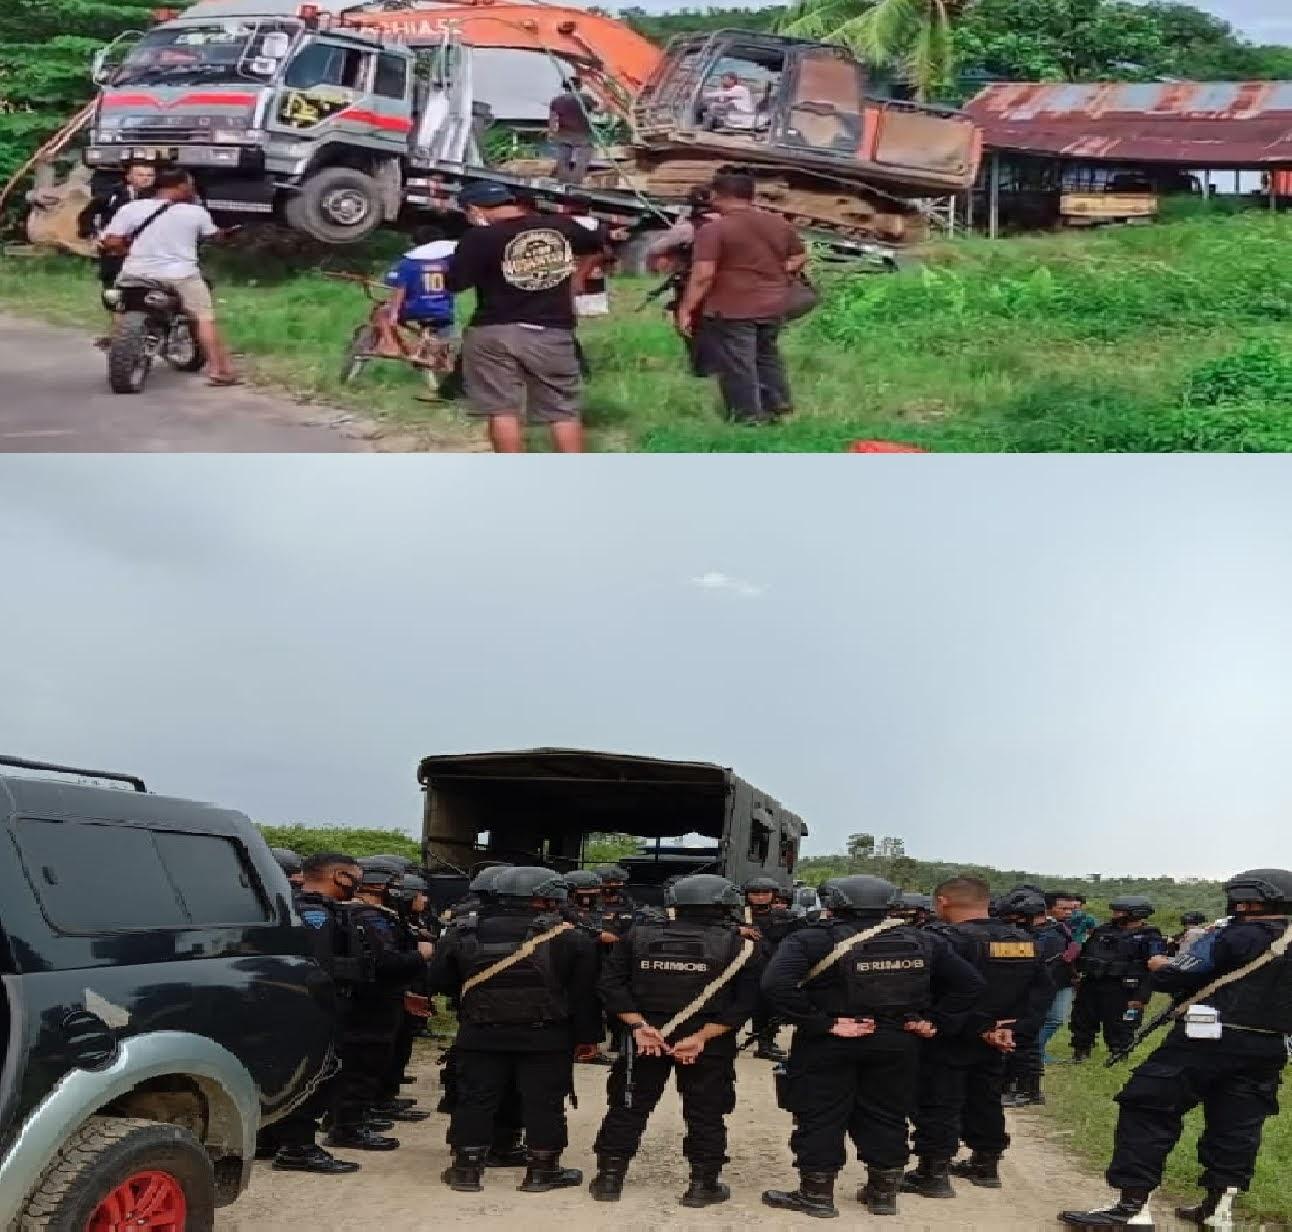 Polda Kalimantan Barat Razia PETI di Bengkayang, 2 Unit Eksavataor dan 1 Unit Mesin Dompeng di Sita Sebagai BB